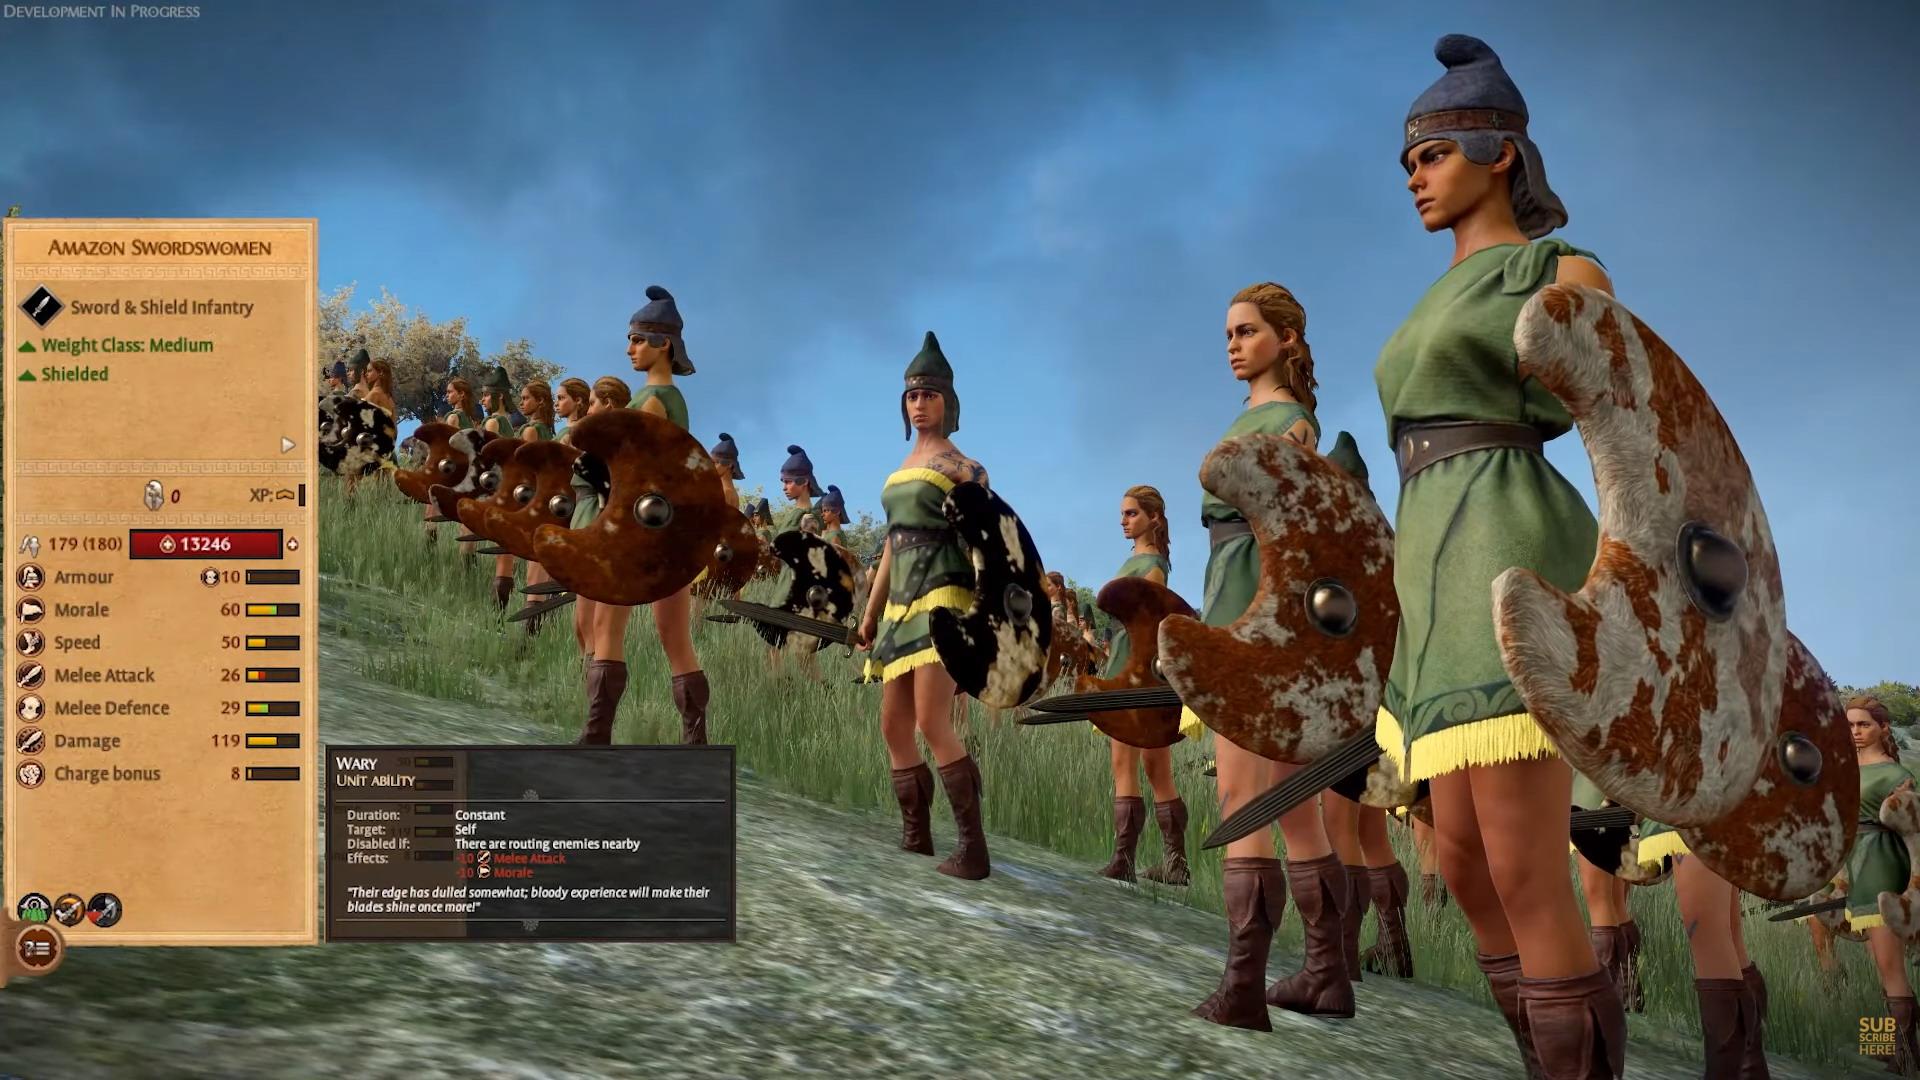 特洛伊战争英文简介_《全面战争传奇:特洛伊》希腊亚马逊DLC介绍 全是女兵_3DM单机